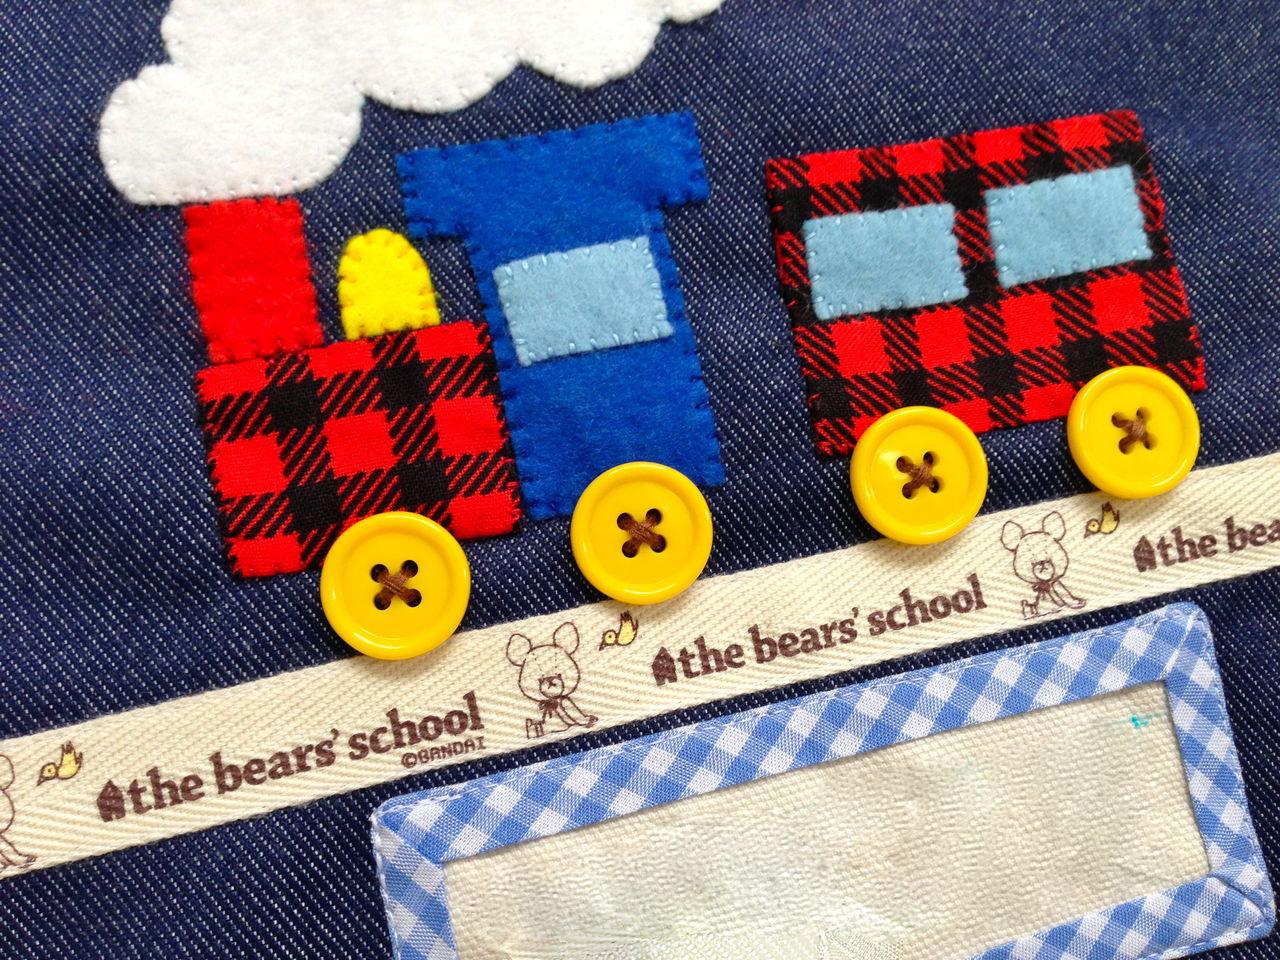 【手作りアップリケ】入園入学に!ハンドメイドアップリケの作り方のサムネイル画像